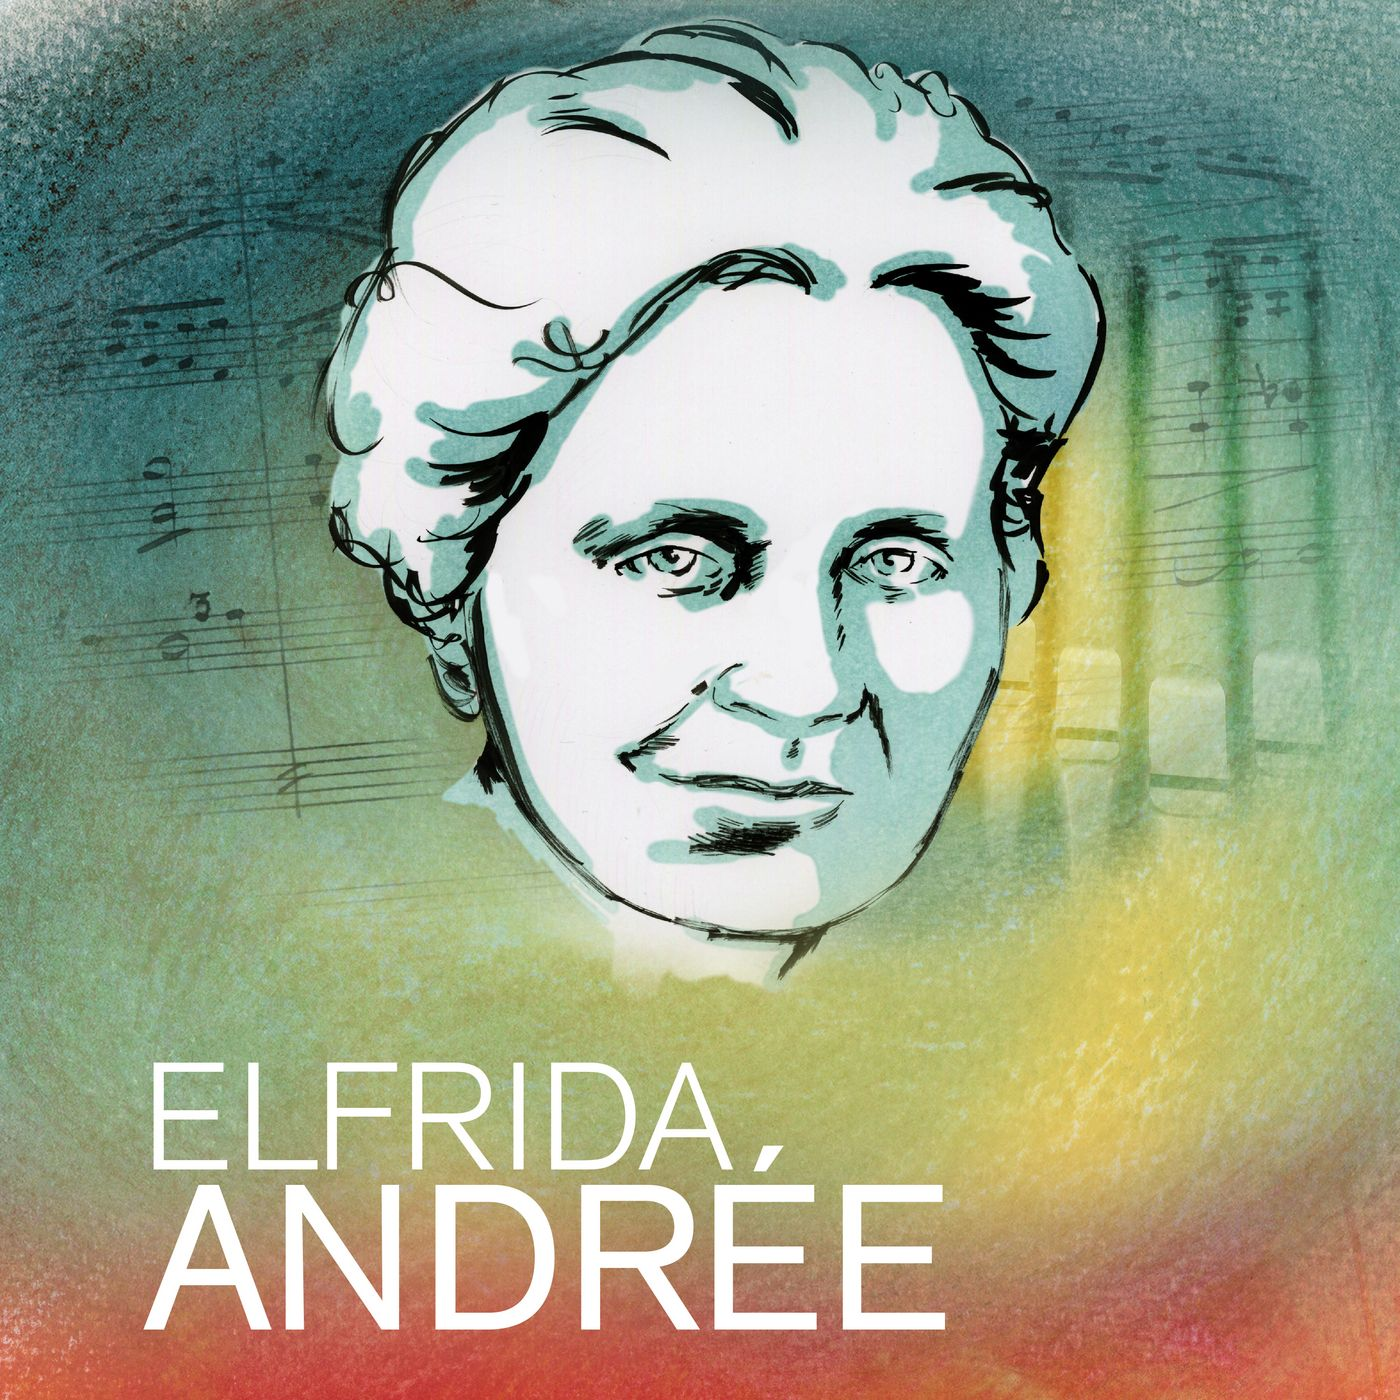 Elfrida Andrée - Pionjären som övervann alla hinder